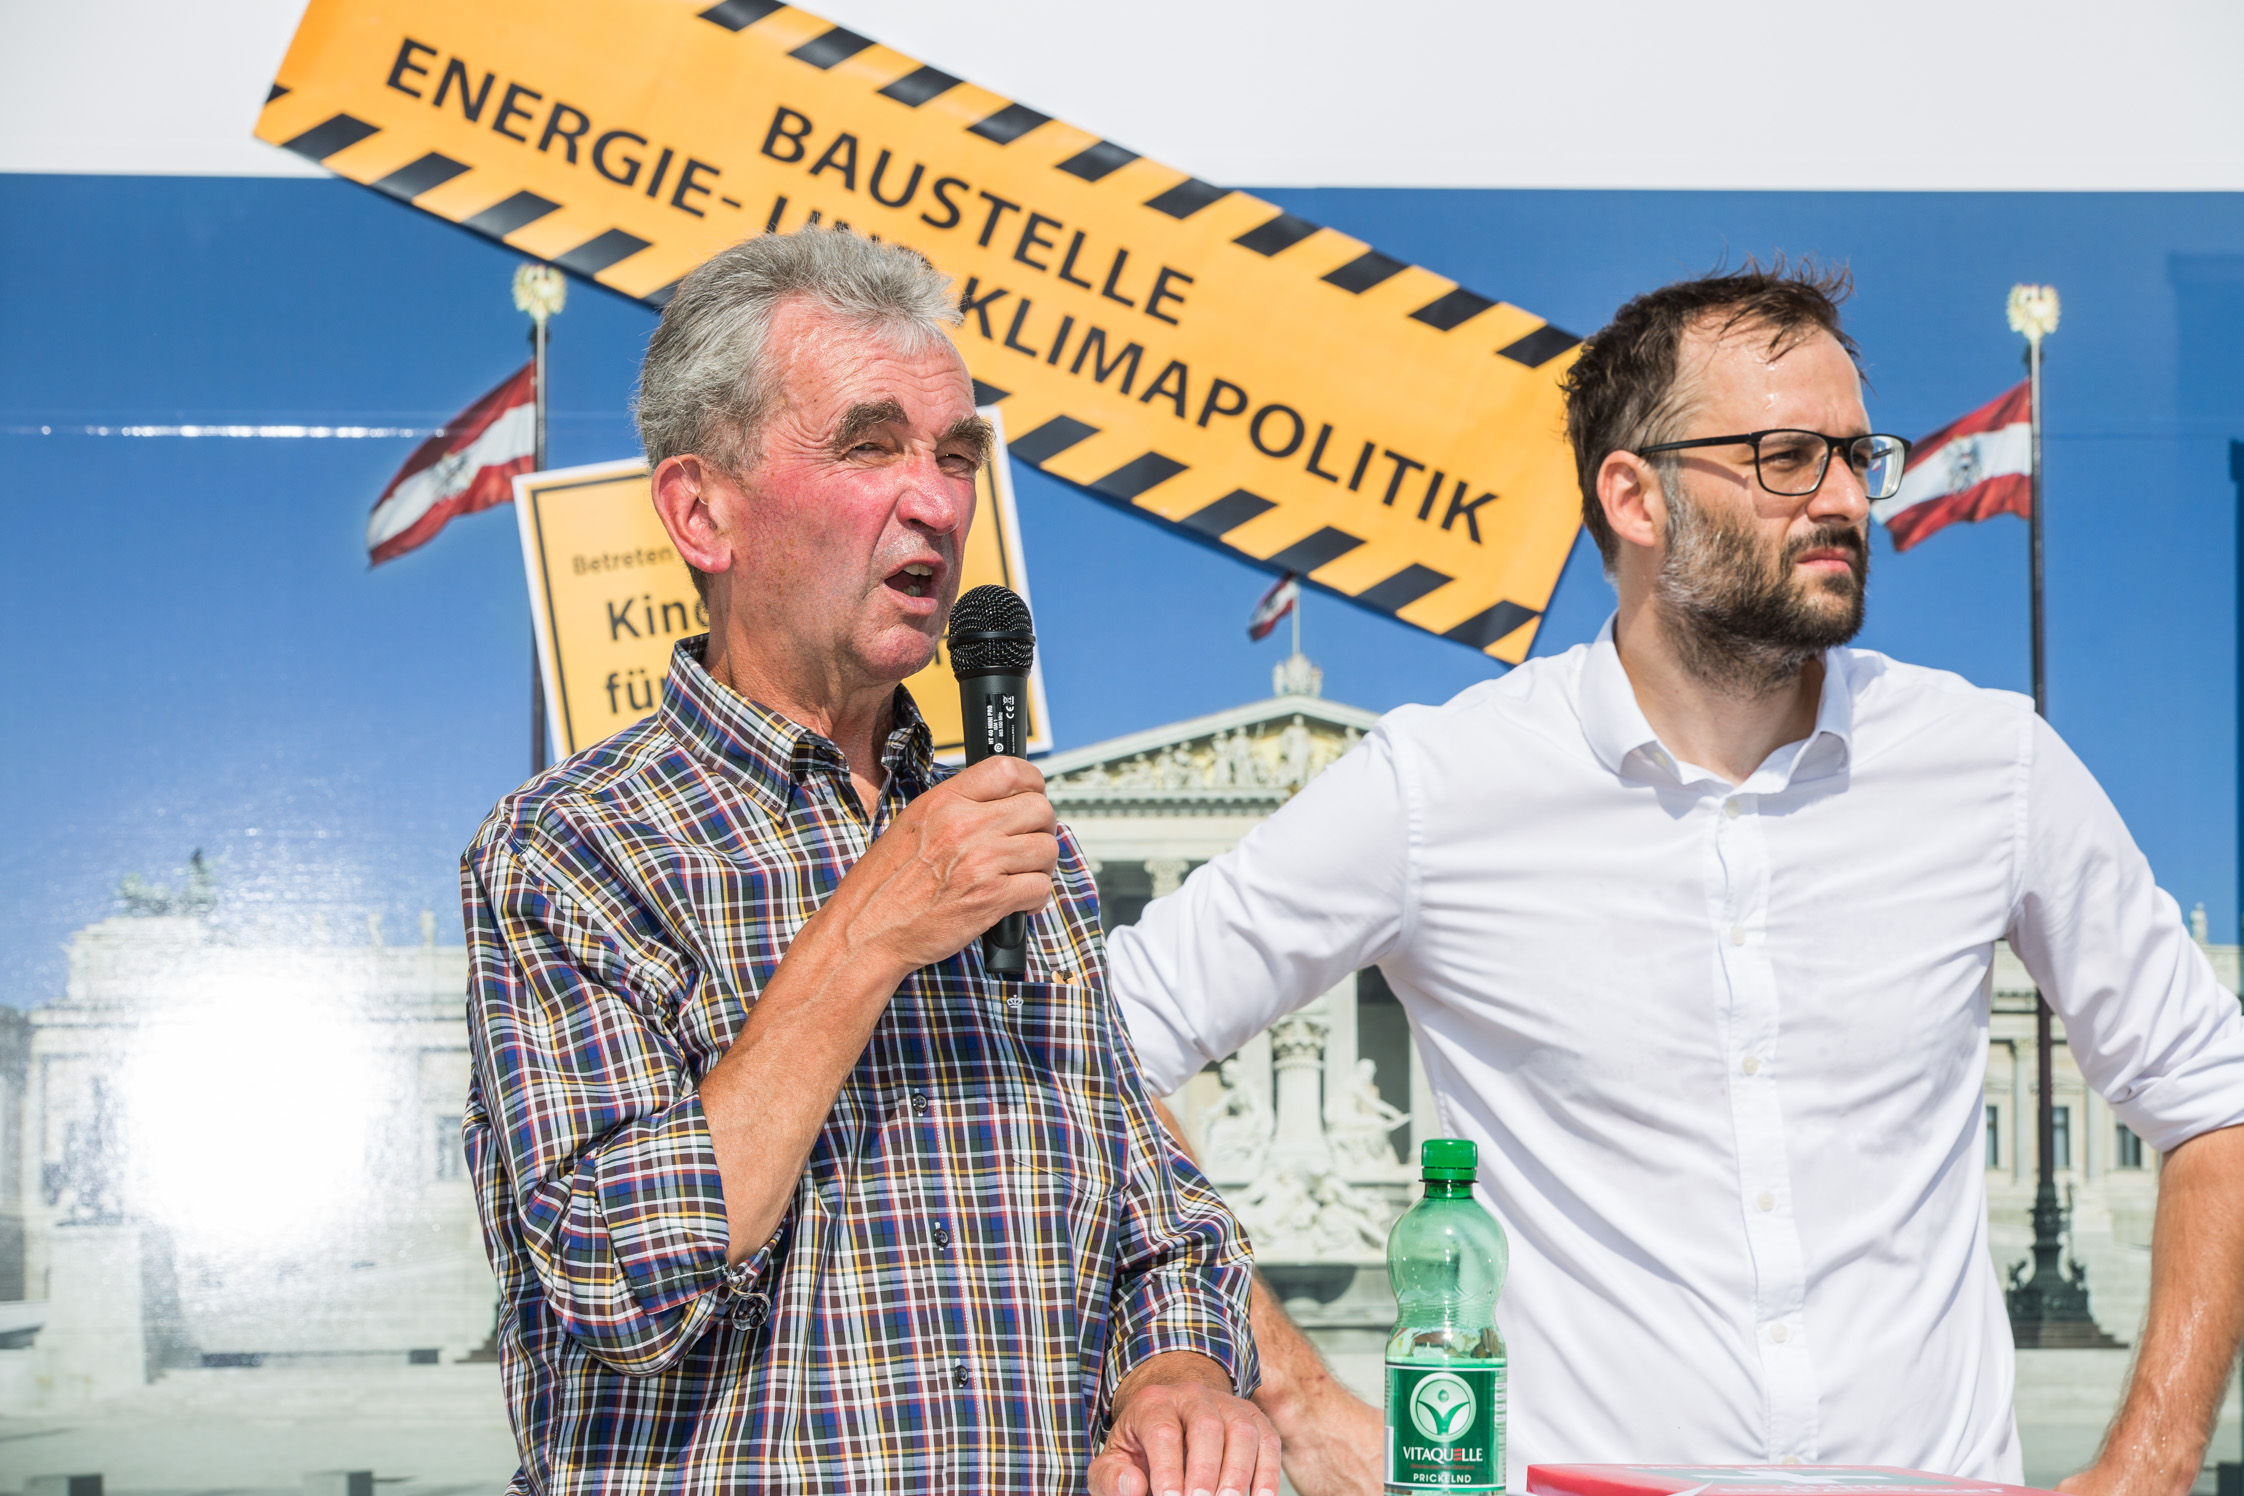 PK_Klimapolitik_028.jpg